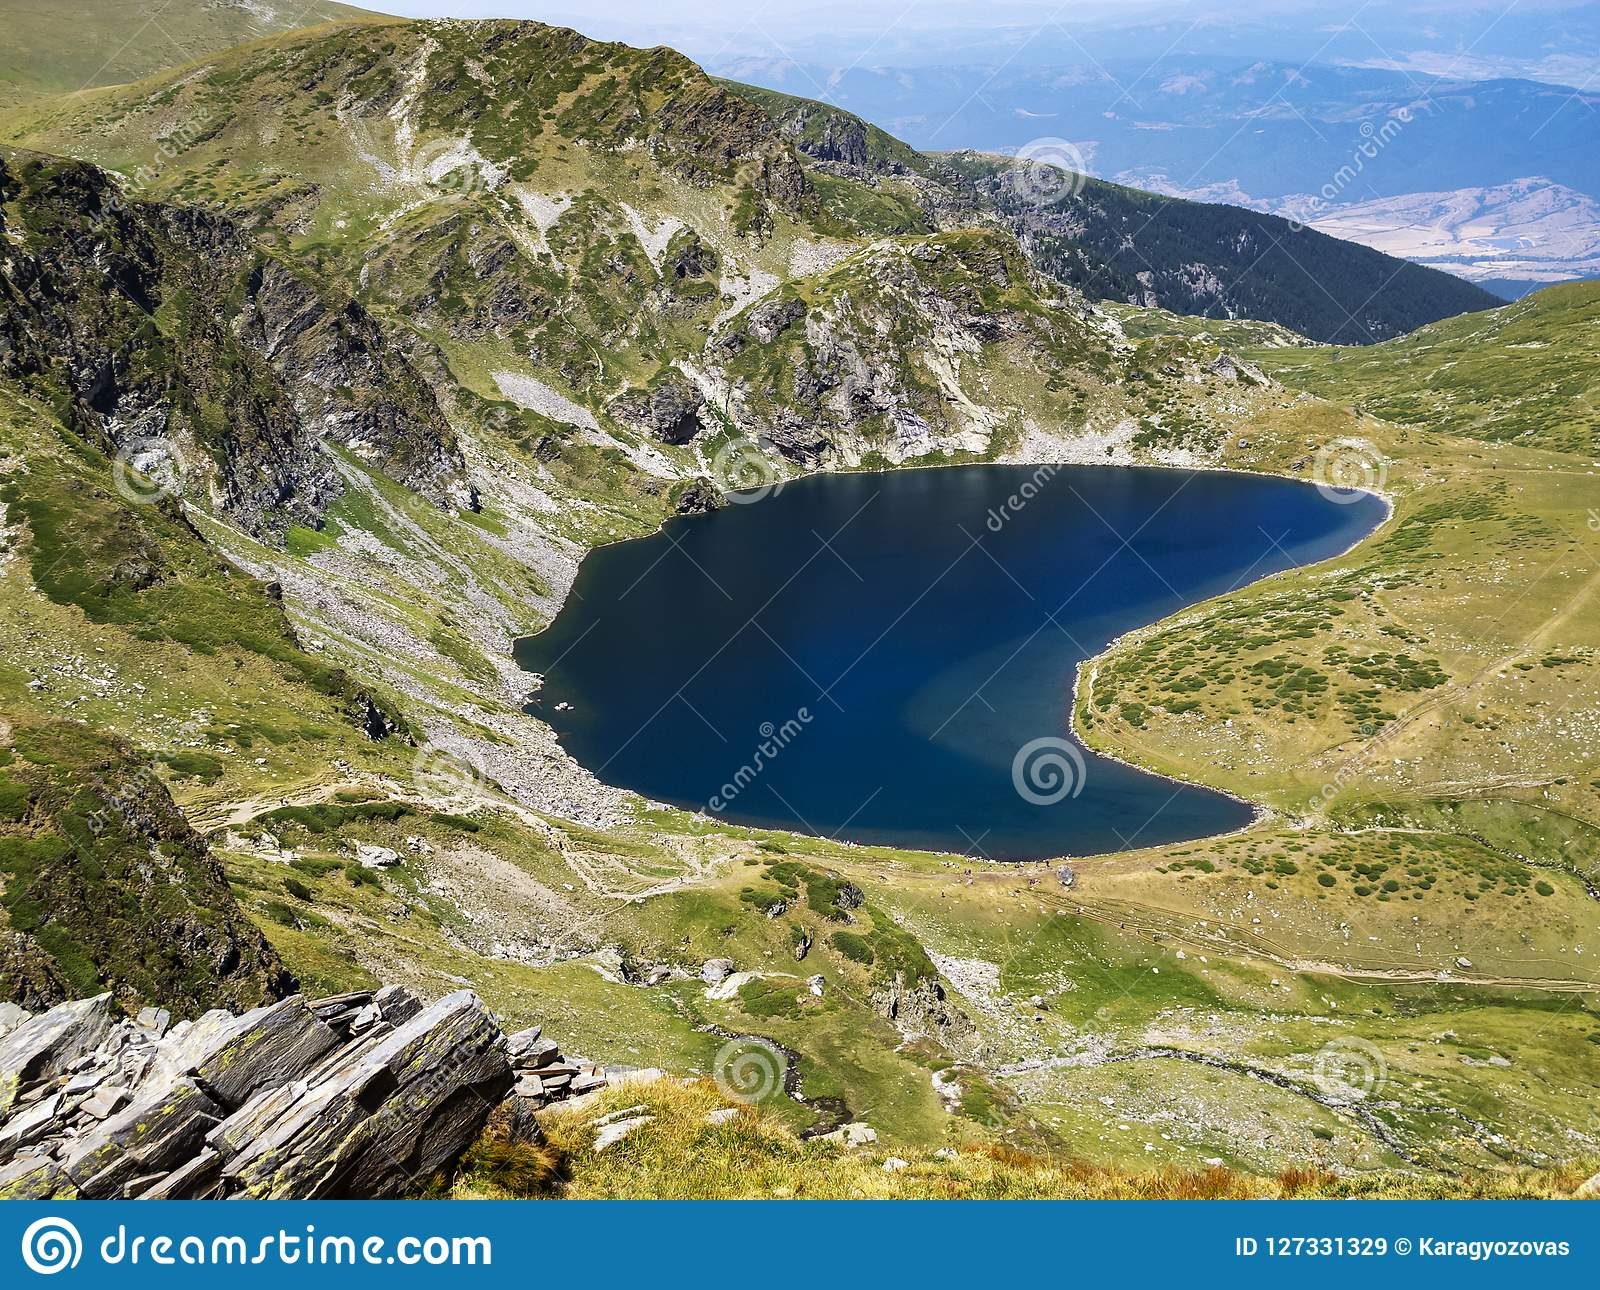 Φυσική άποψη στη λίμνη νεφρών, μια από τις επτά λίμνες Rila στα βουνά Rila, Βουλγαρία